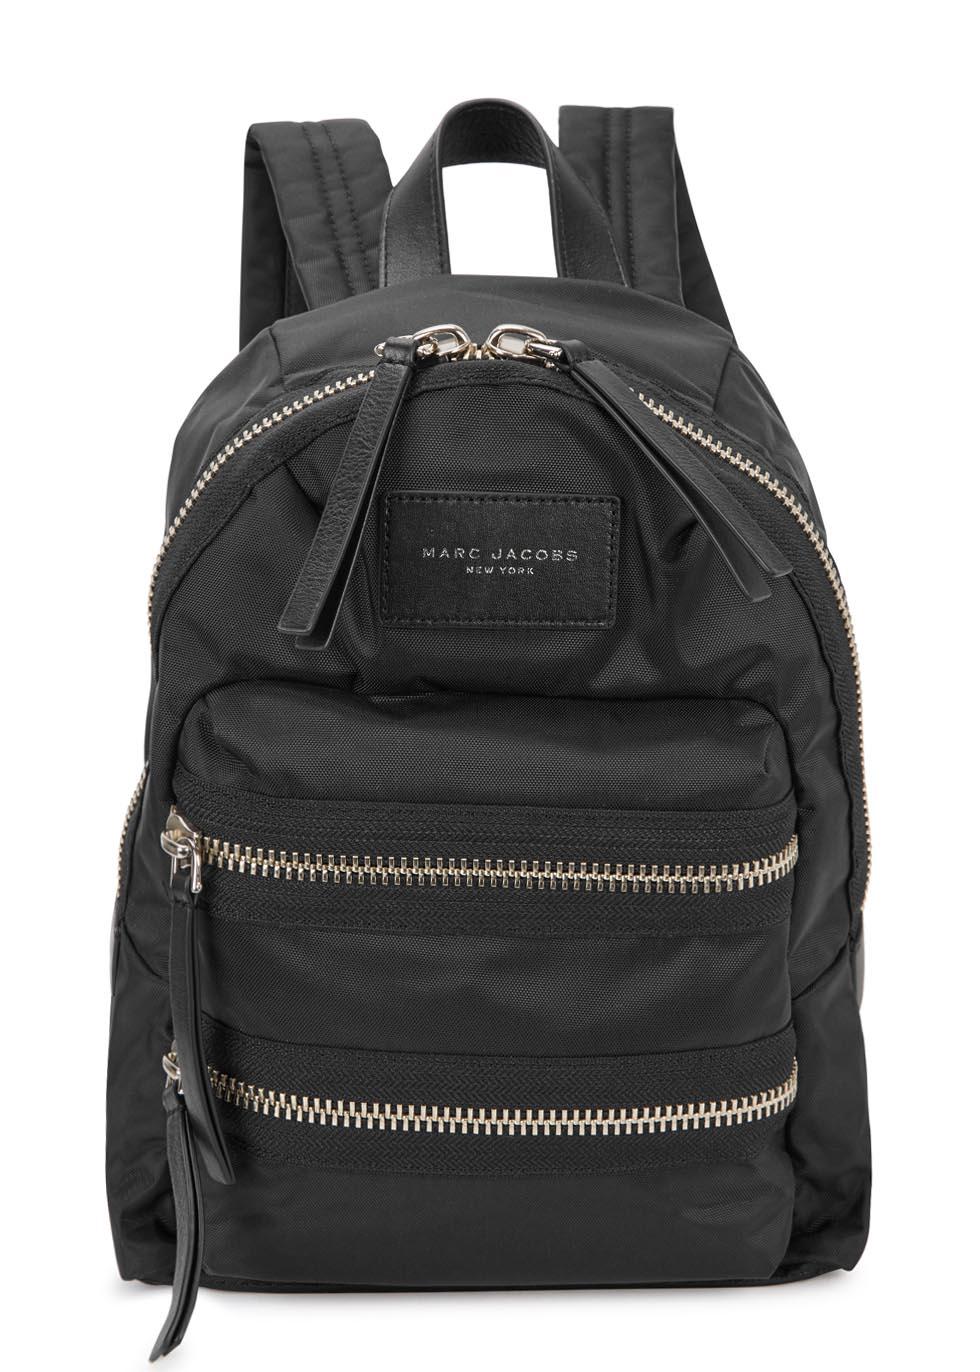 marc jacobs 39 biker 39 backpack in black lyst. Black Bedroom Furniture Sets. Home Design Ideas